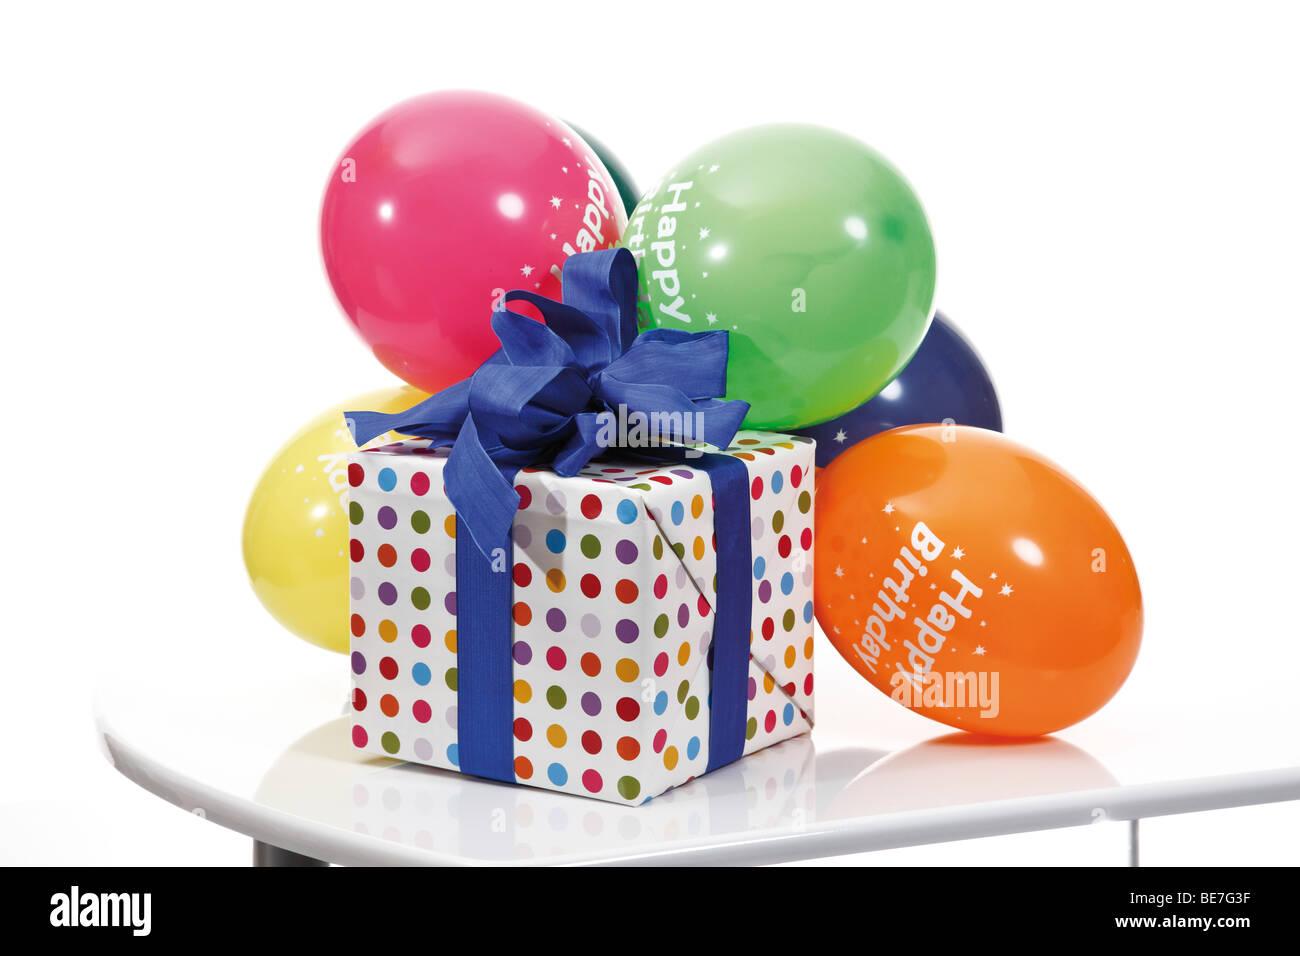 Presente con una cinta y globos, Feliz Cumpleaños Imagen De Stock